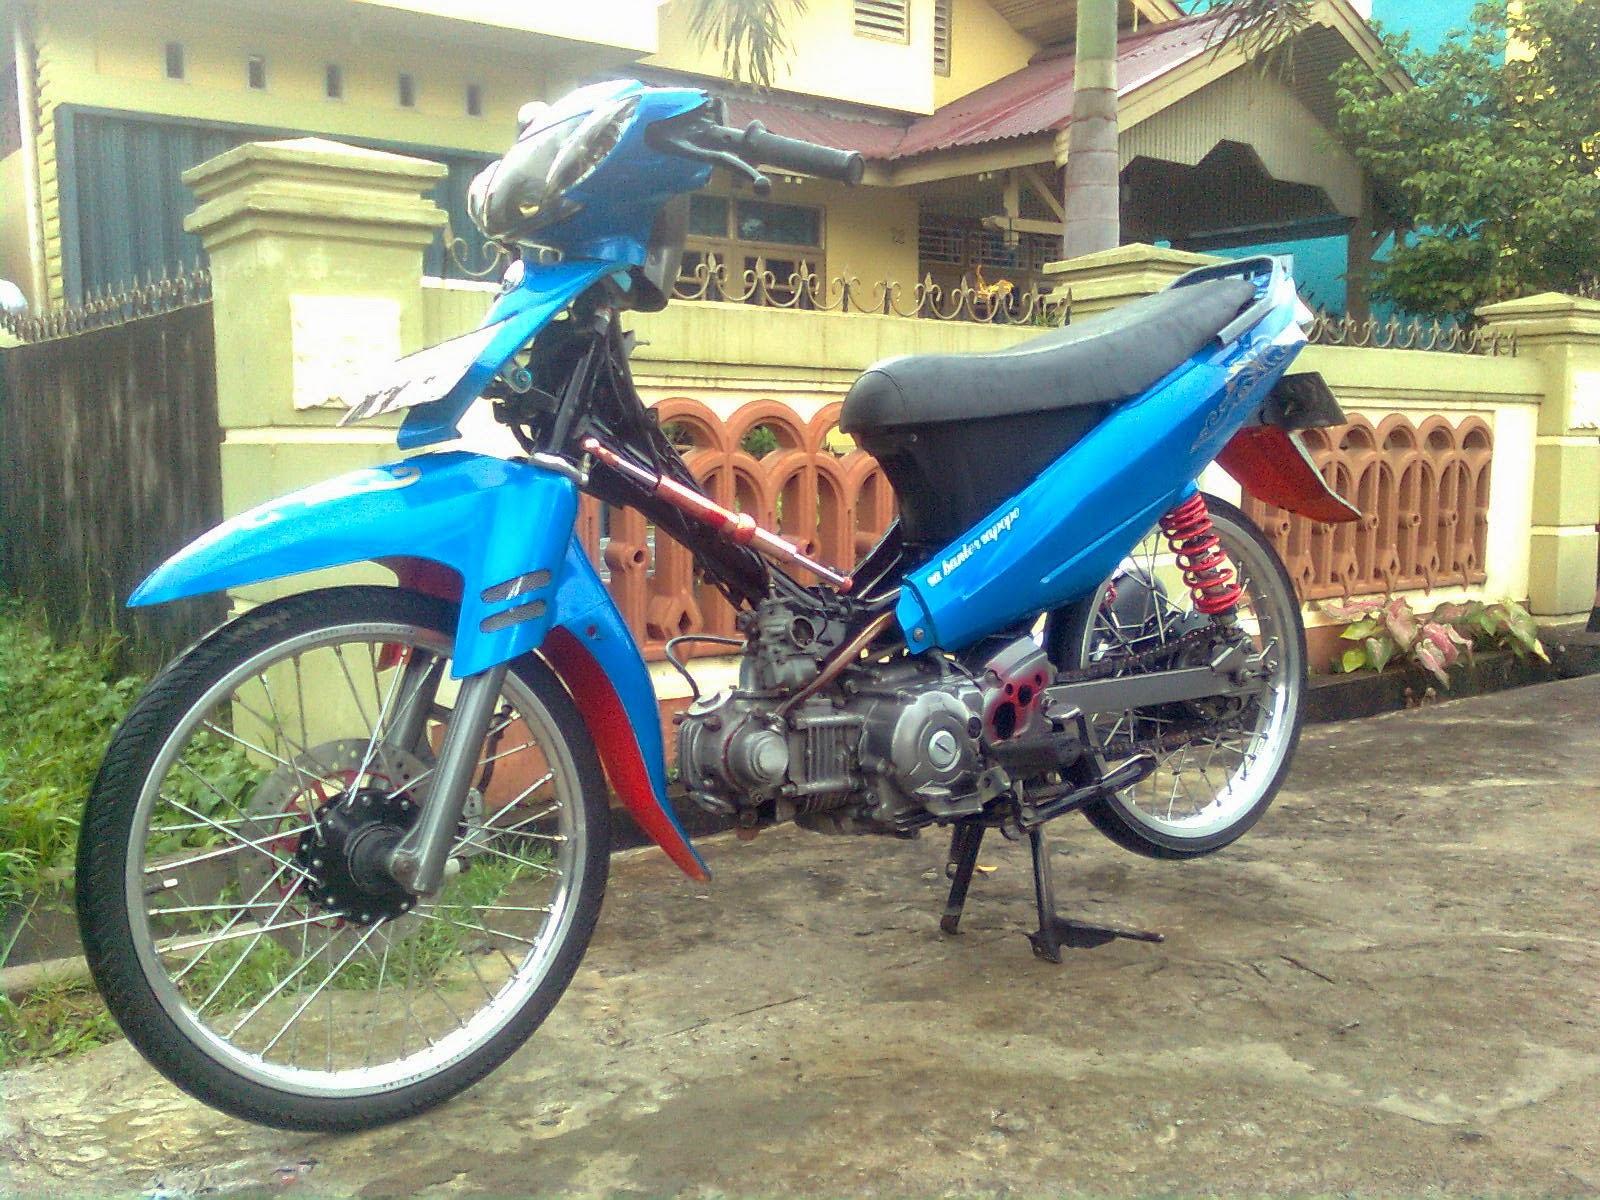 Motor Vega r Modifikasi Road Race Modifikasi Vega r Ala Road